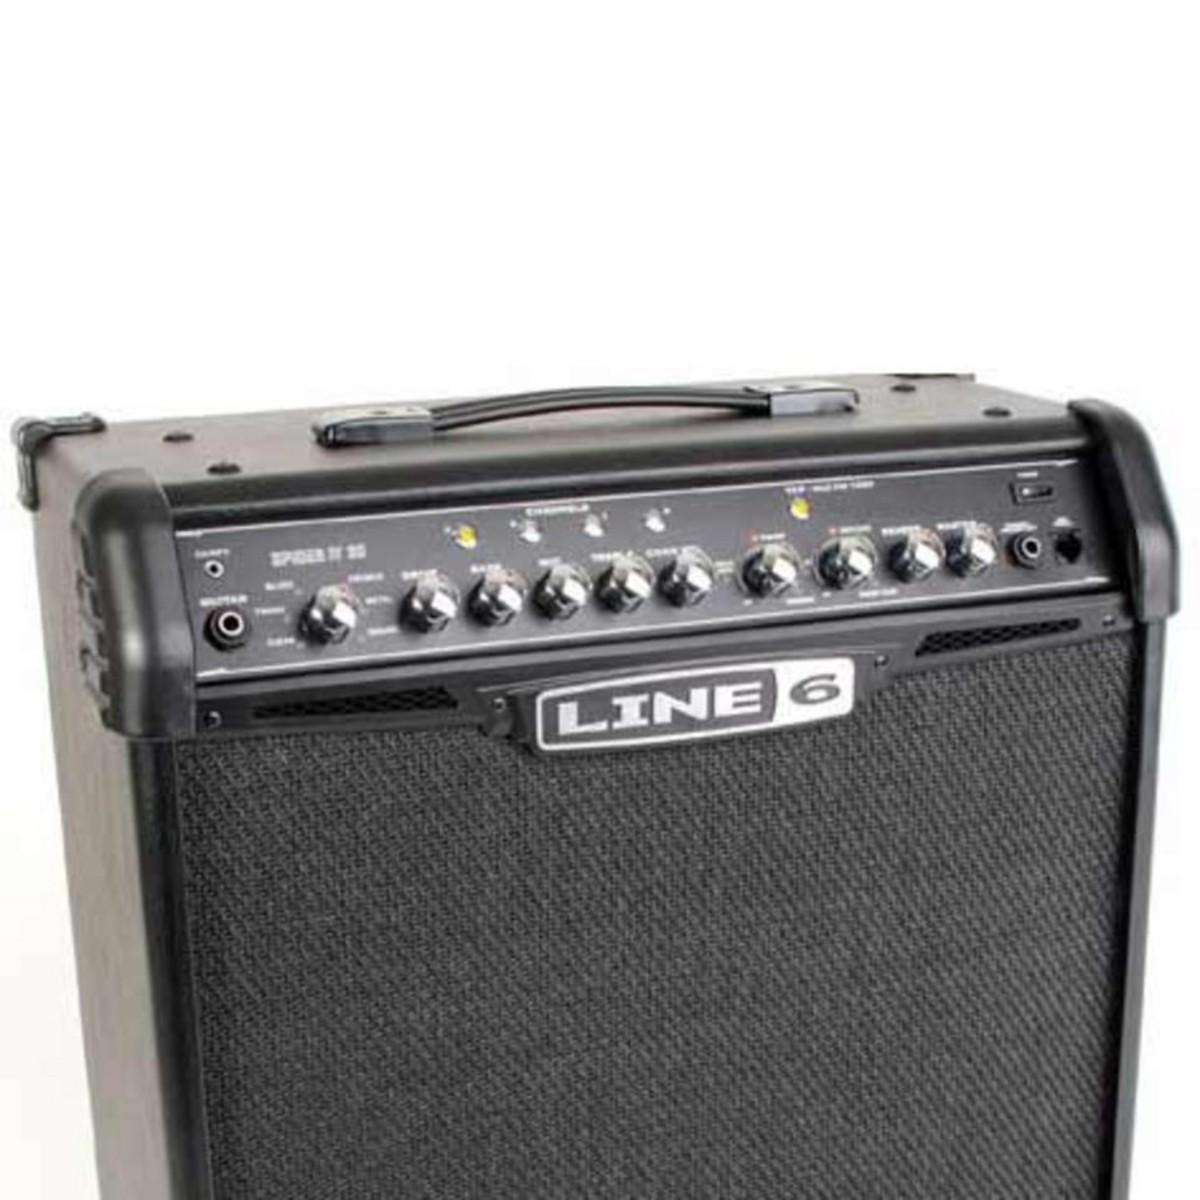 Line 6 spider iv 30 combo amplificatore per chitarra for Piani di combo bagno e armadio combo